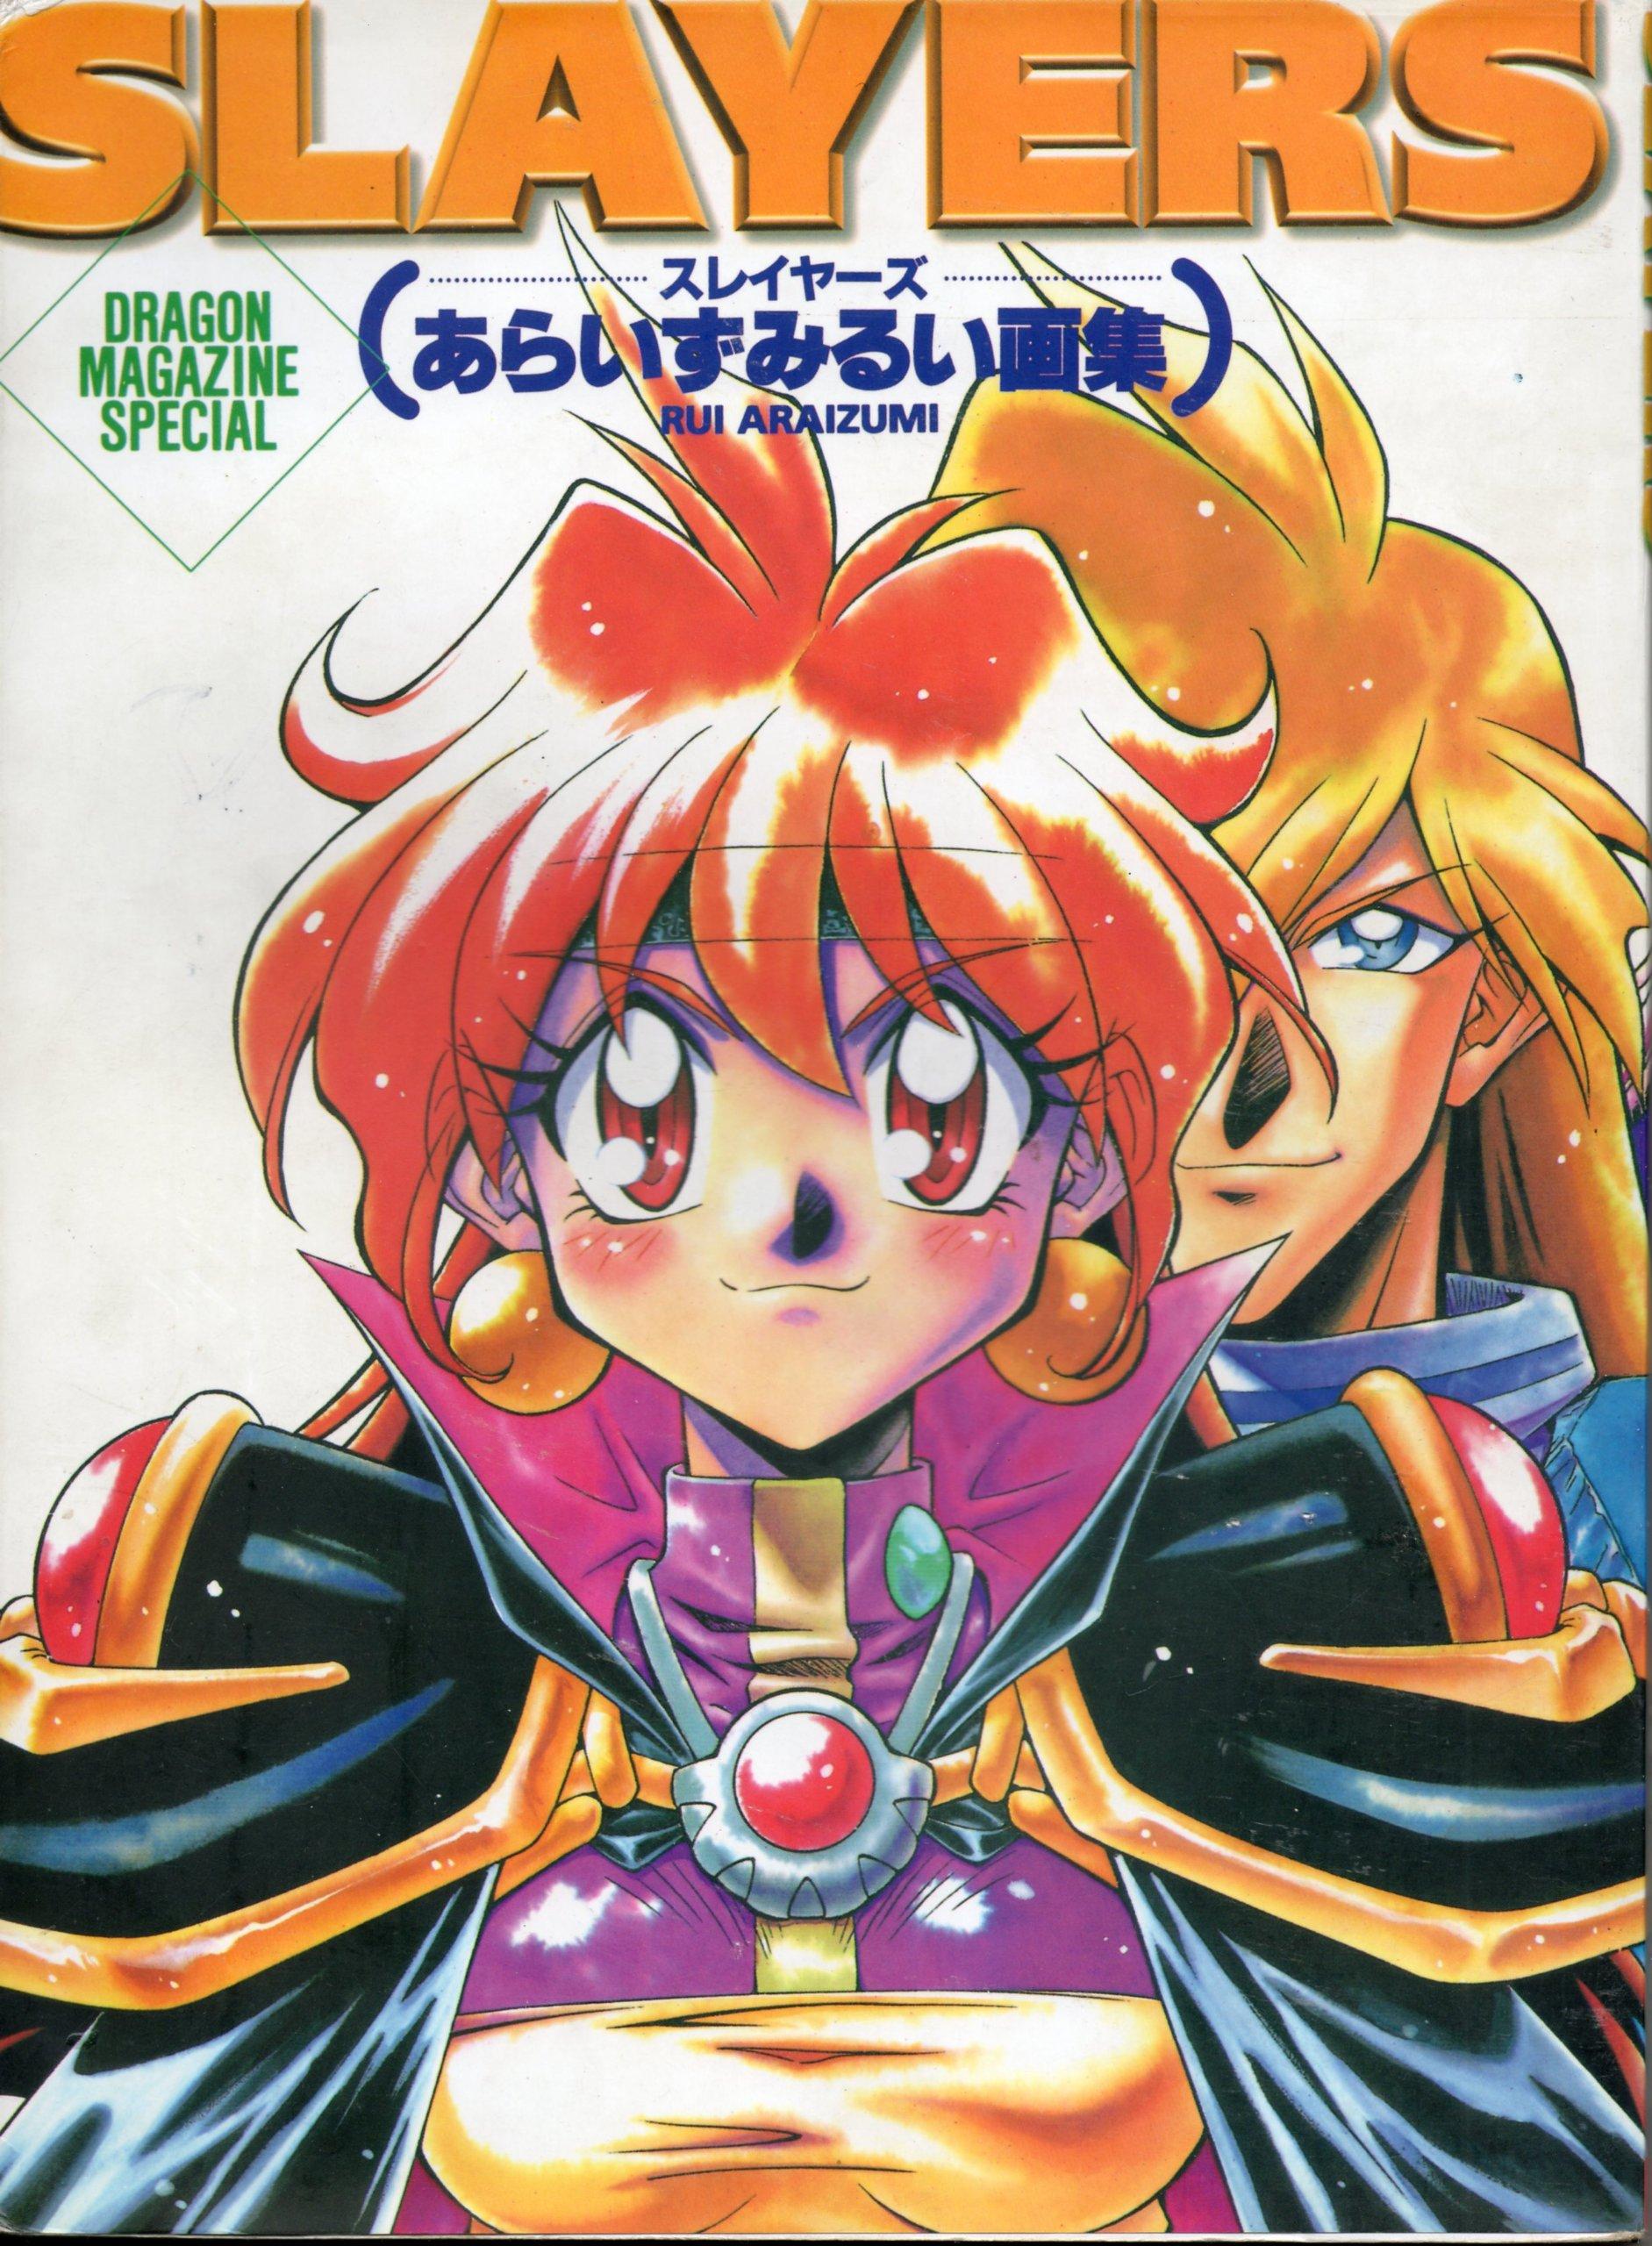 Slayers Dragon Magazine Special (Japanese Anime & Manga Artbook) (Japonais) JP Oversized Fujimishobo 482919118X S0-28-003-004